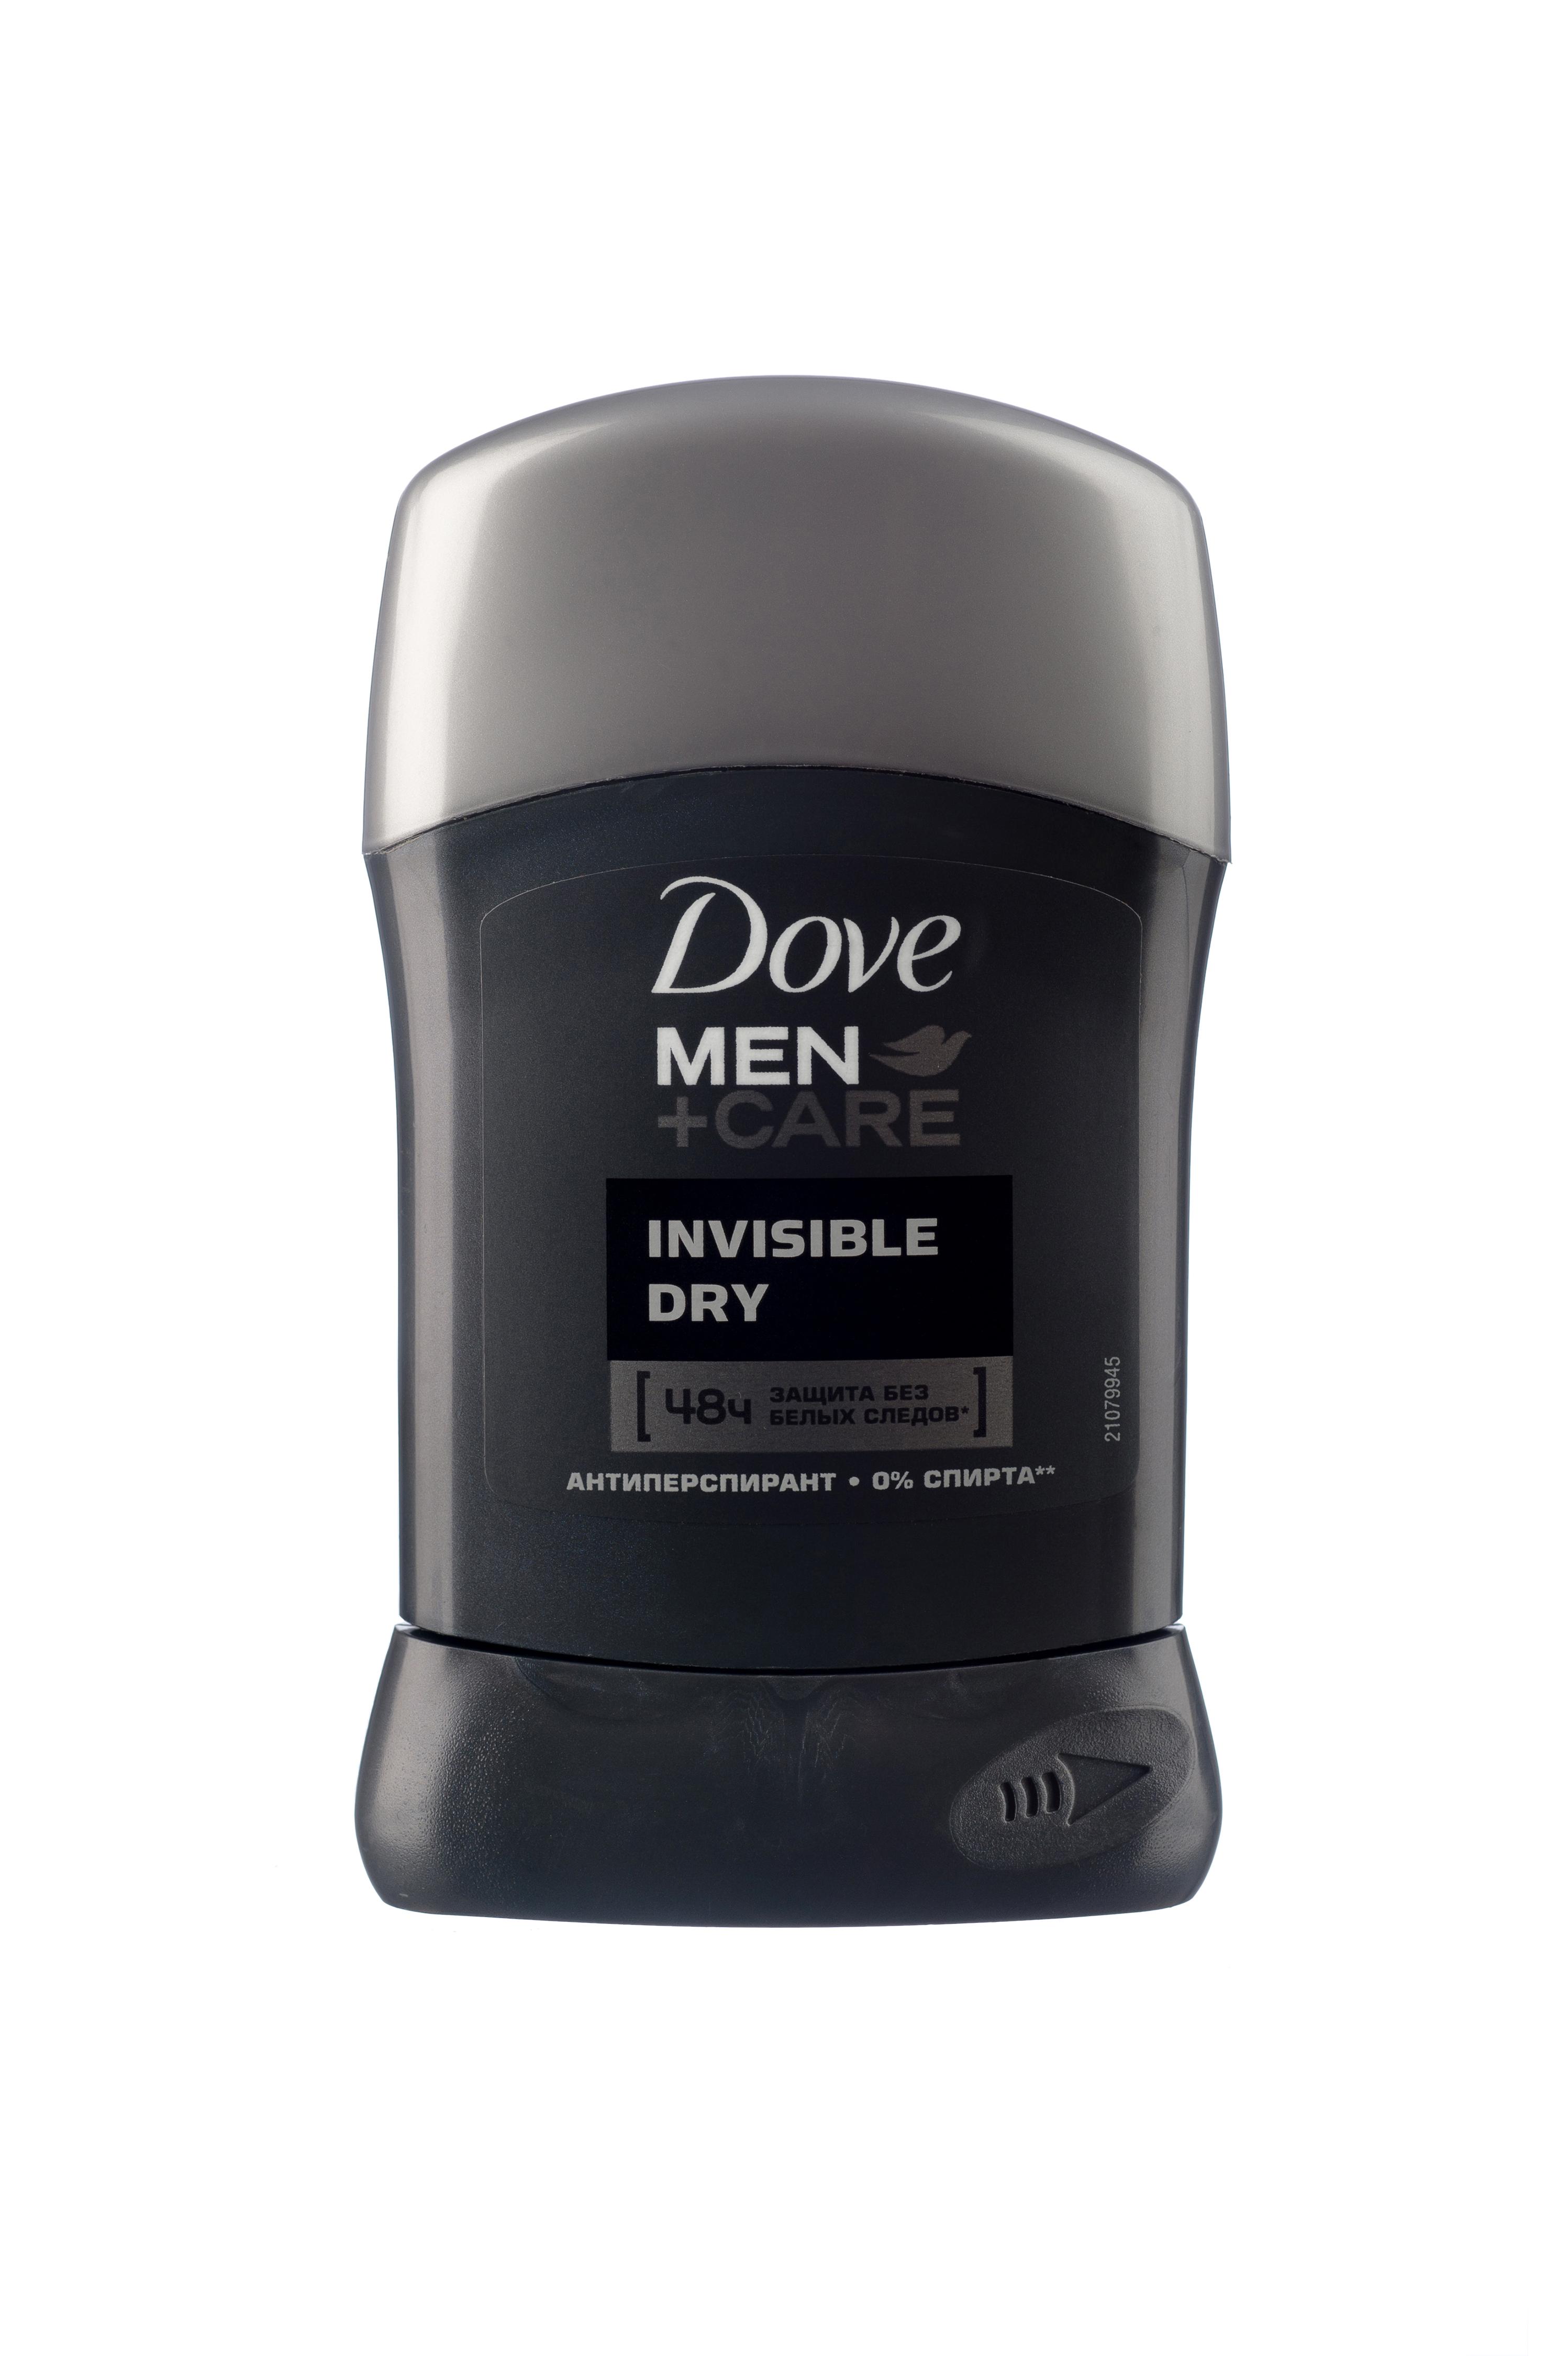 Dove Men+Care Антиперспирант карандаш Экстразащита без белых следов 50 млFS-00897Антиперспирант, разработанный специально для мужчин, беспощаден к поту, но не к коже. Инновационная формула антиперспиранта для эффективной защиты от пота и запаха помогает ухаживать за мужской кожей 48 часов с момента нанесения.